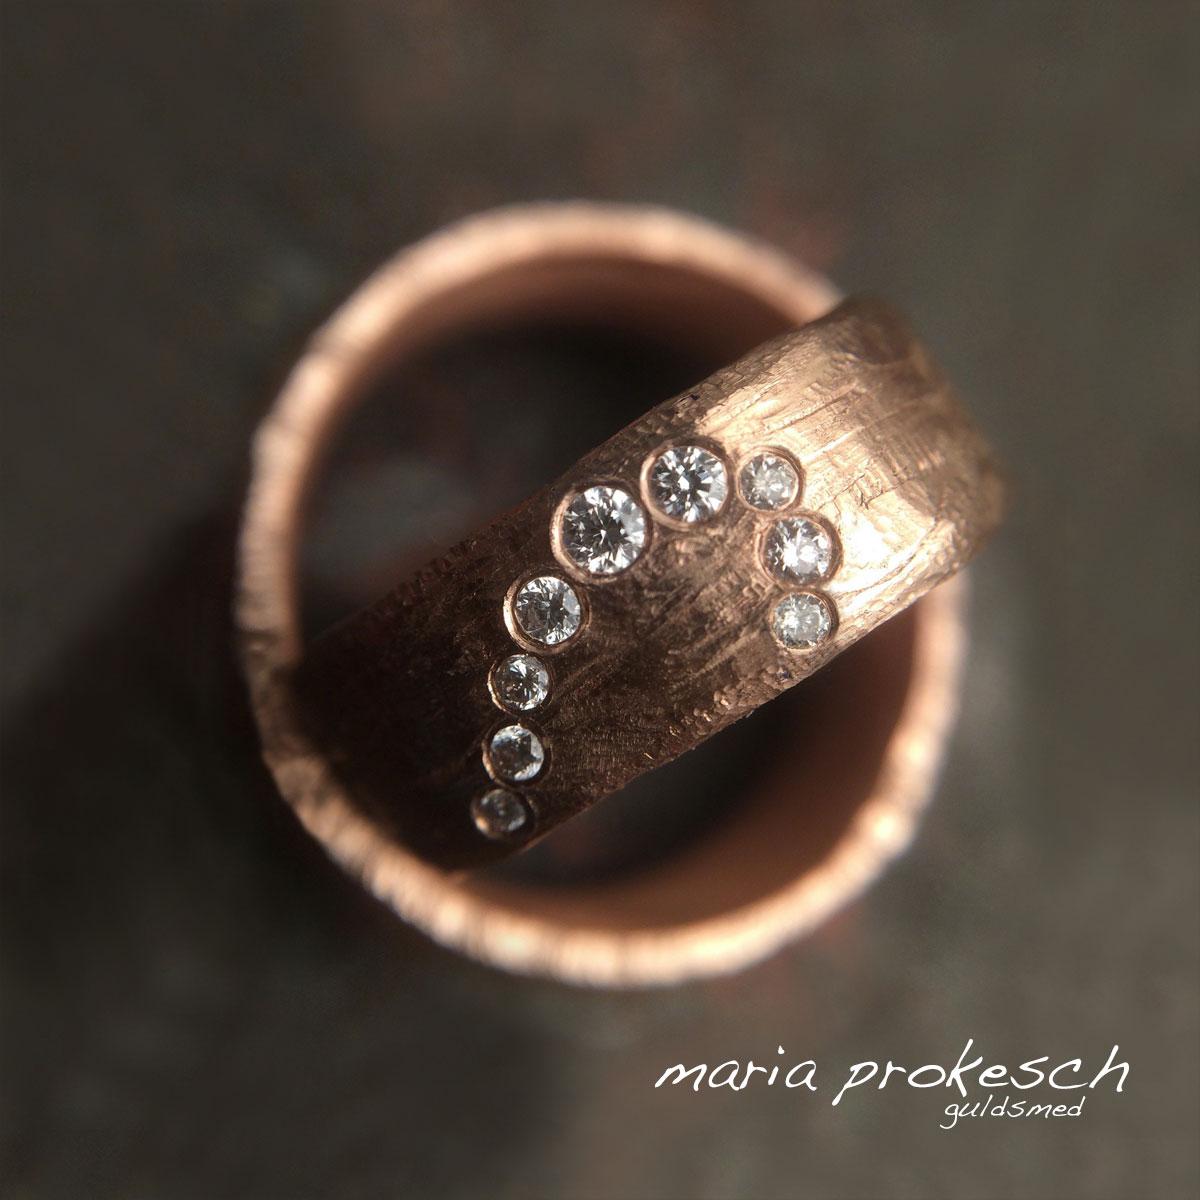 Vielsesringe i 14 kt rosaguld, hvor halve hjerte forbinder dem. På hendes ring er det brillanter i forskellige størrelse som danner det halve hjerte. På hans ring er det en gravering. Begge ringe har en rustik overflade.